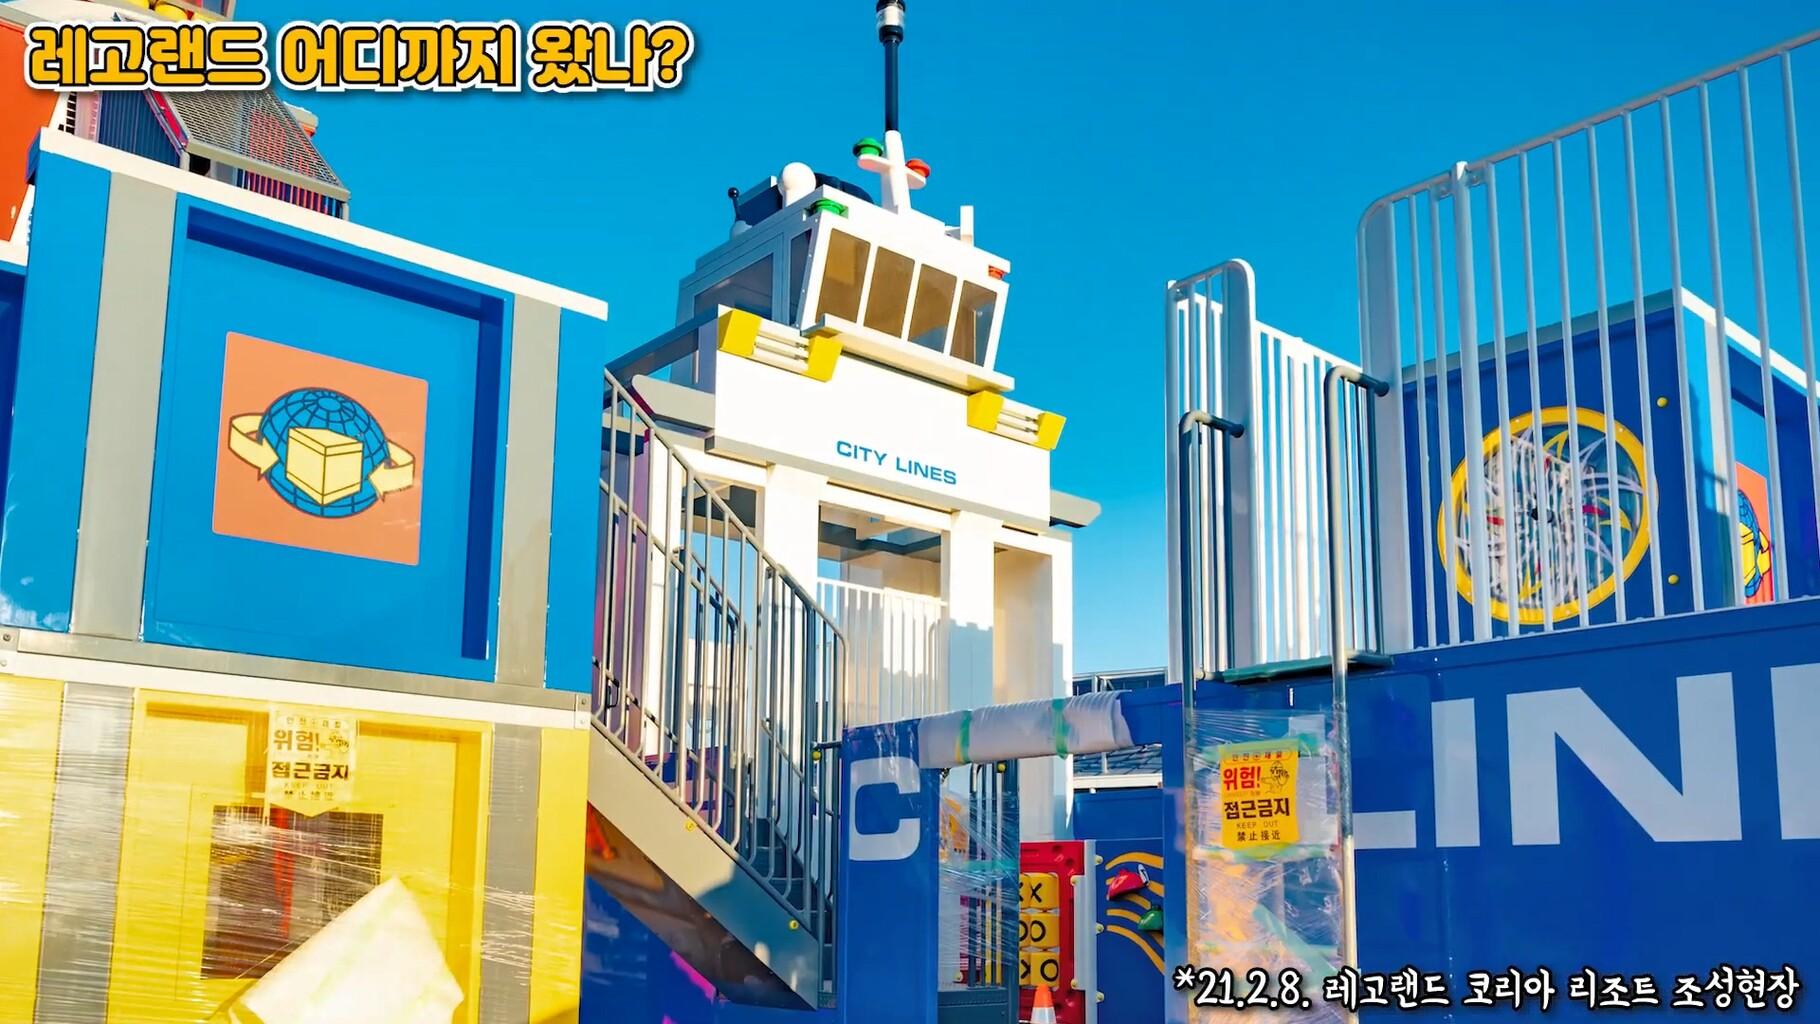 legoland-korea-98466600.jpg